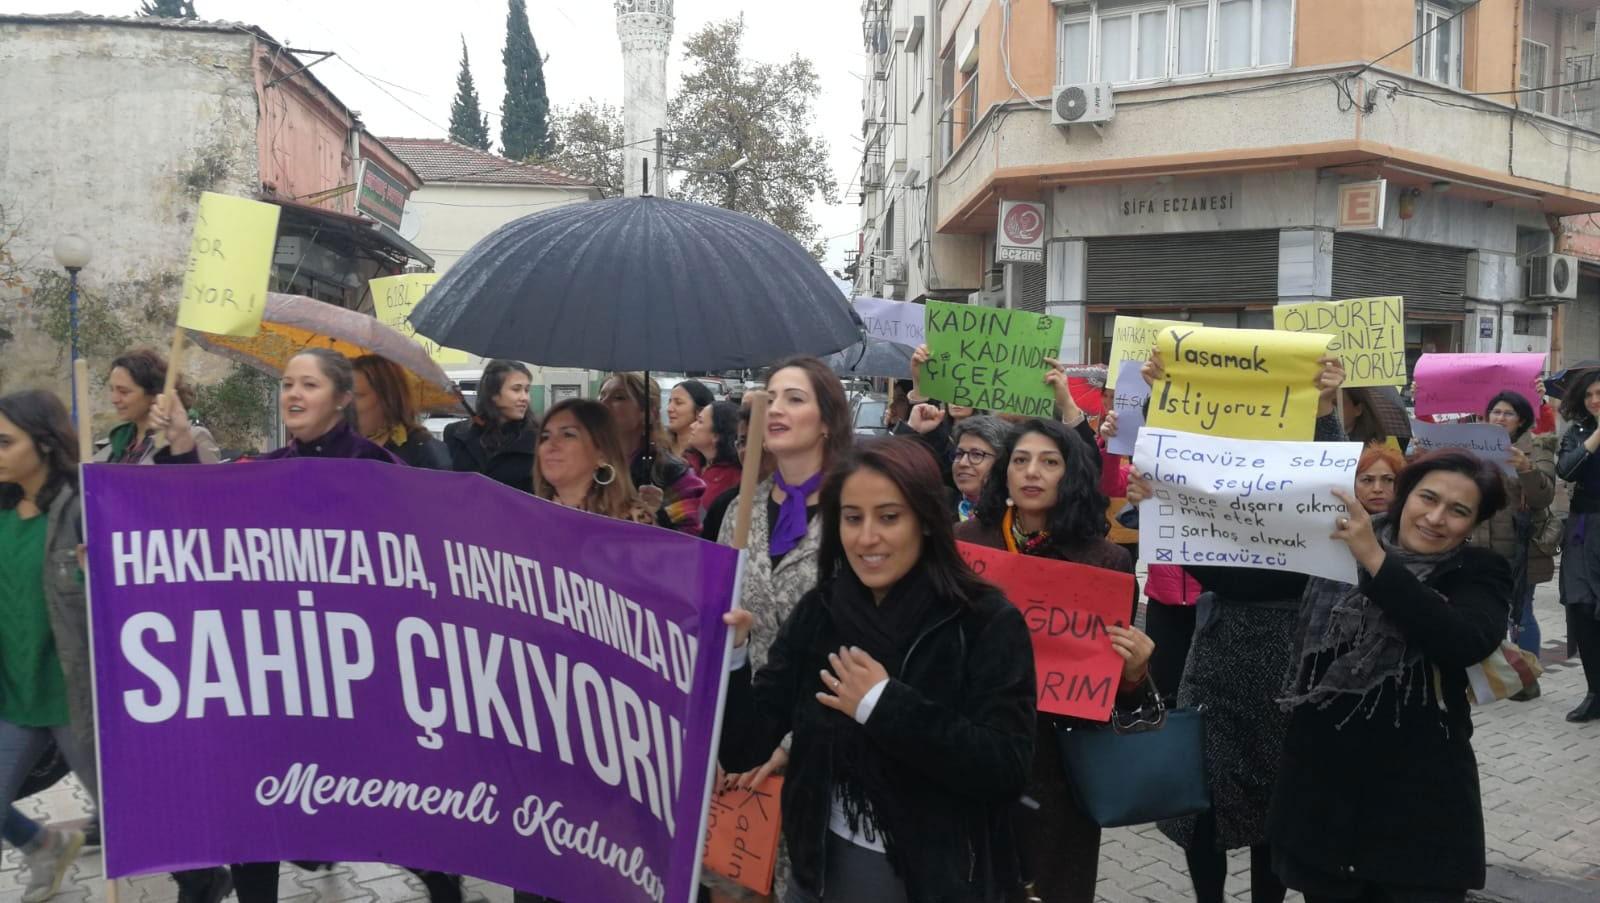 İzmir Menemen'de 25 Kasım'da bir araya gelen kadınlar.